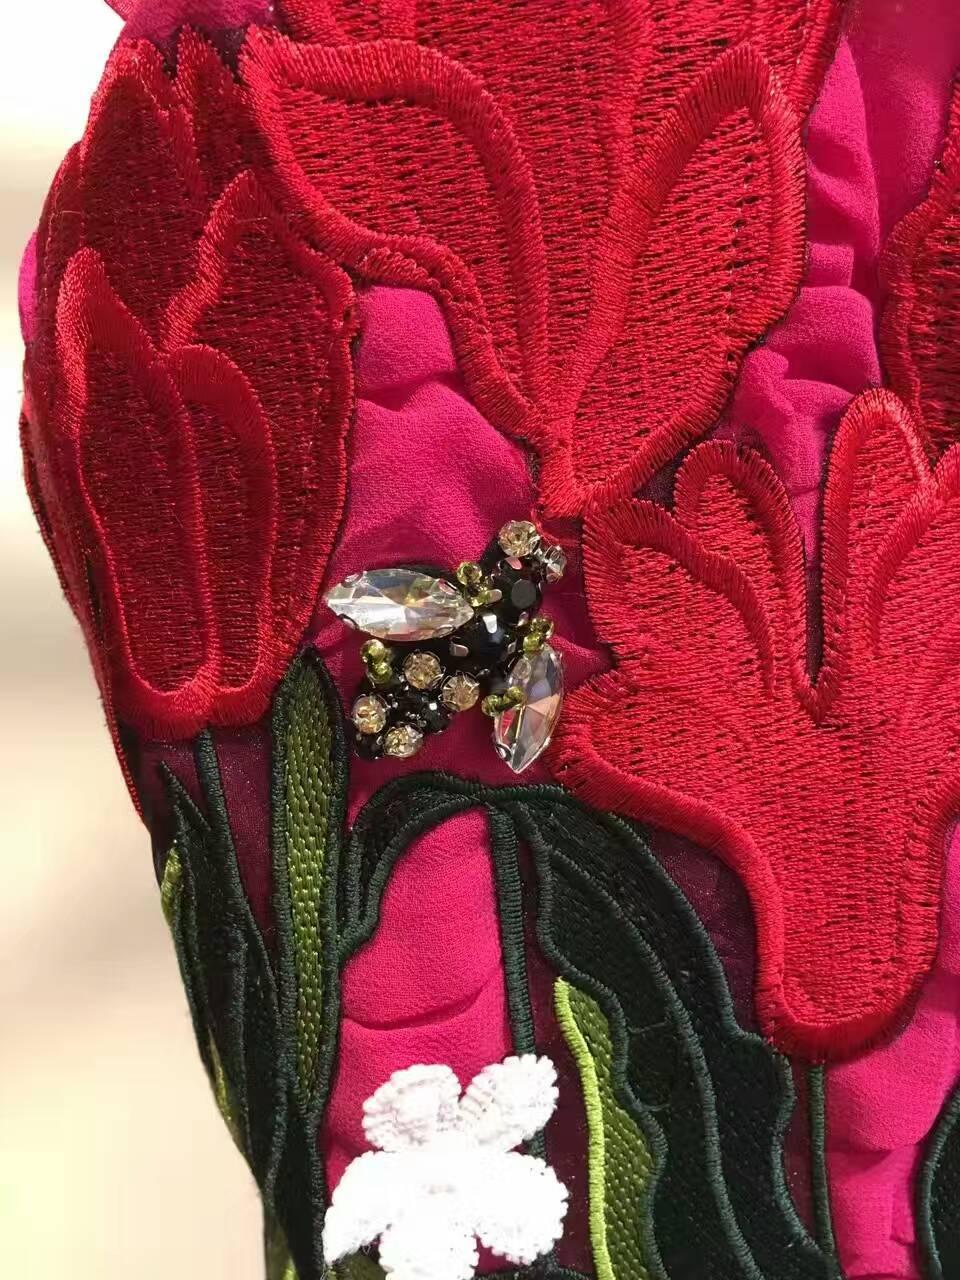 Robe Soie Festa À Pour Partie Incroyable Broderie De Robe Longue Mousseline Les Élégant Femmes Fleur La Parole Soirée D'été 6qqCgxw15